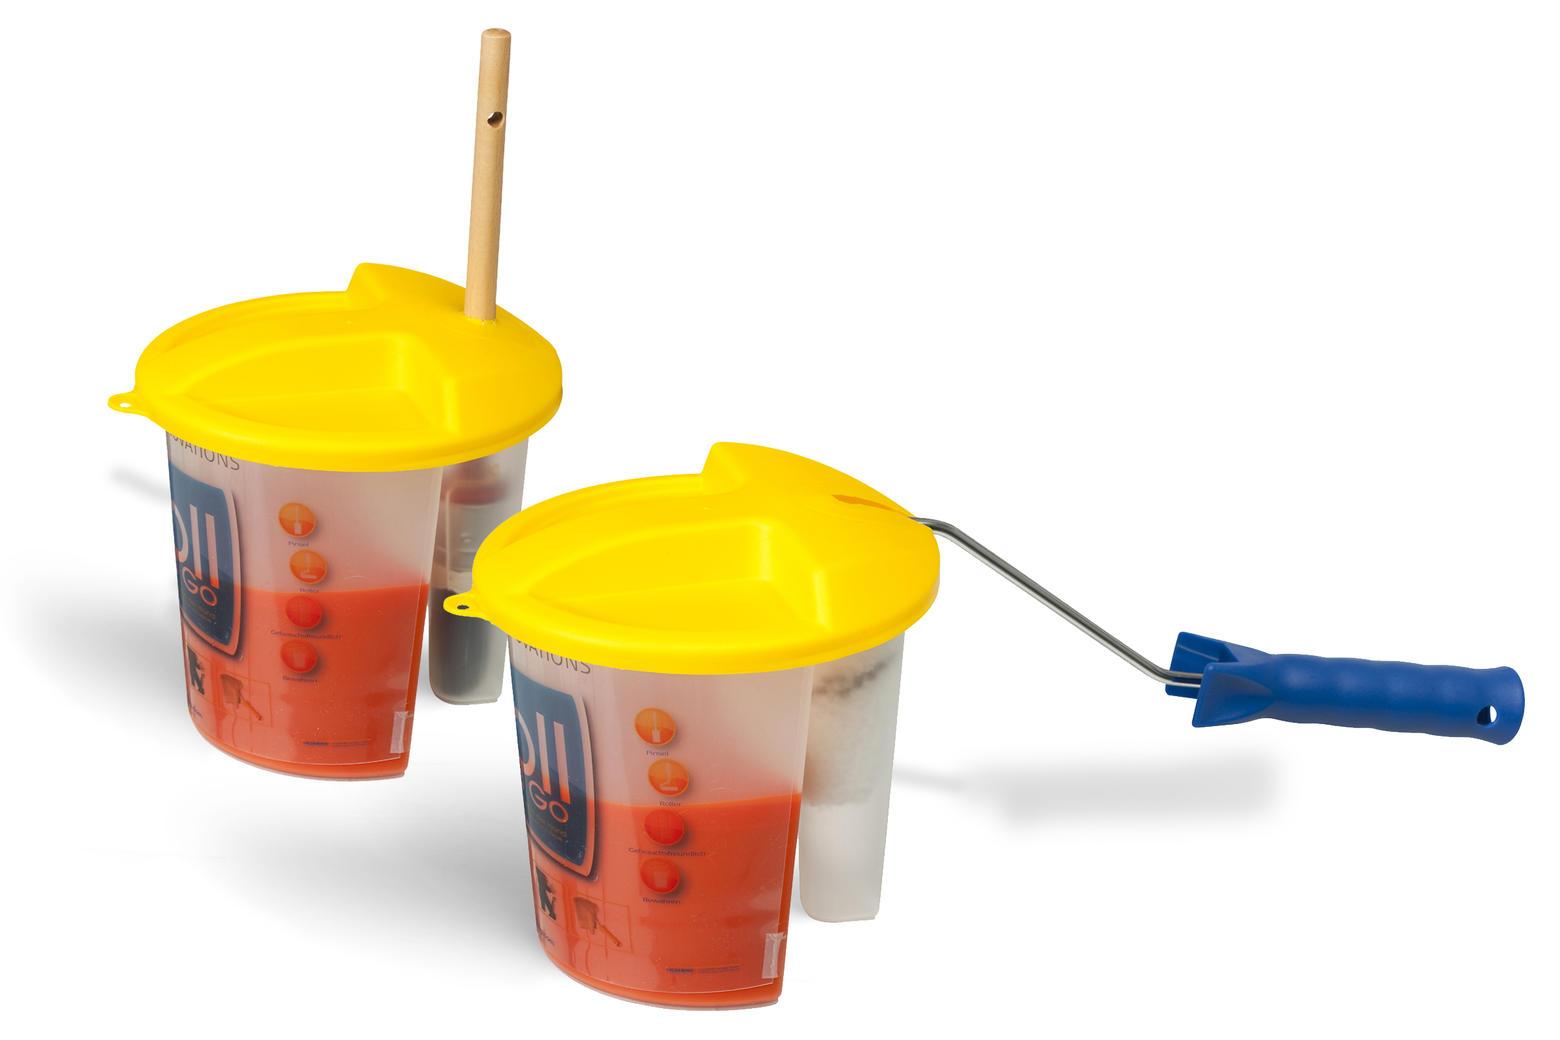 Tijdens een pauze kan je zowel de verf als de kwast of roller even wegzetten als je het deksel op de Store and Go plaatst.